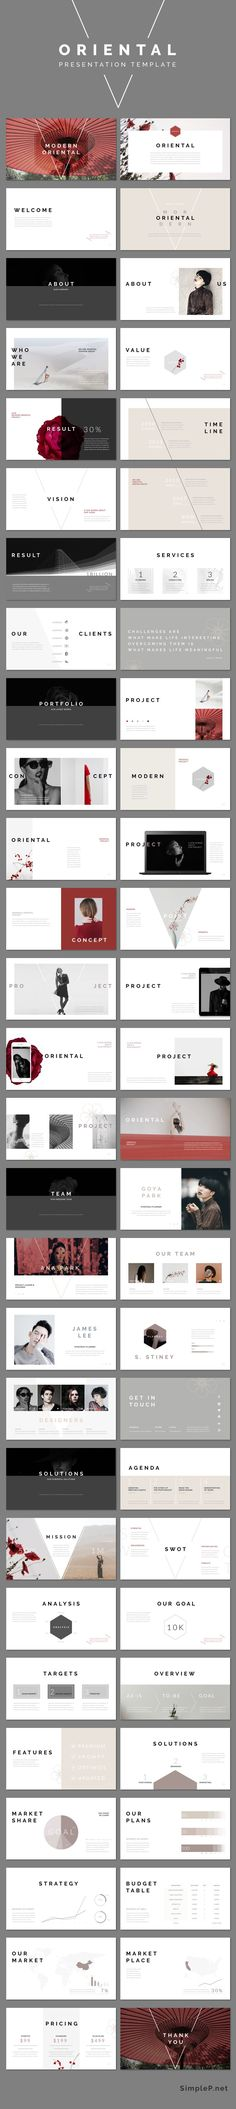 Oriental PowerPoint Presentation Template #ppttemplate #oriental #modern #business #marketing #portfolio #powerpoint